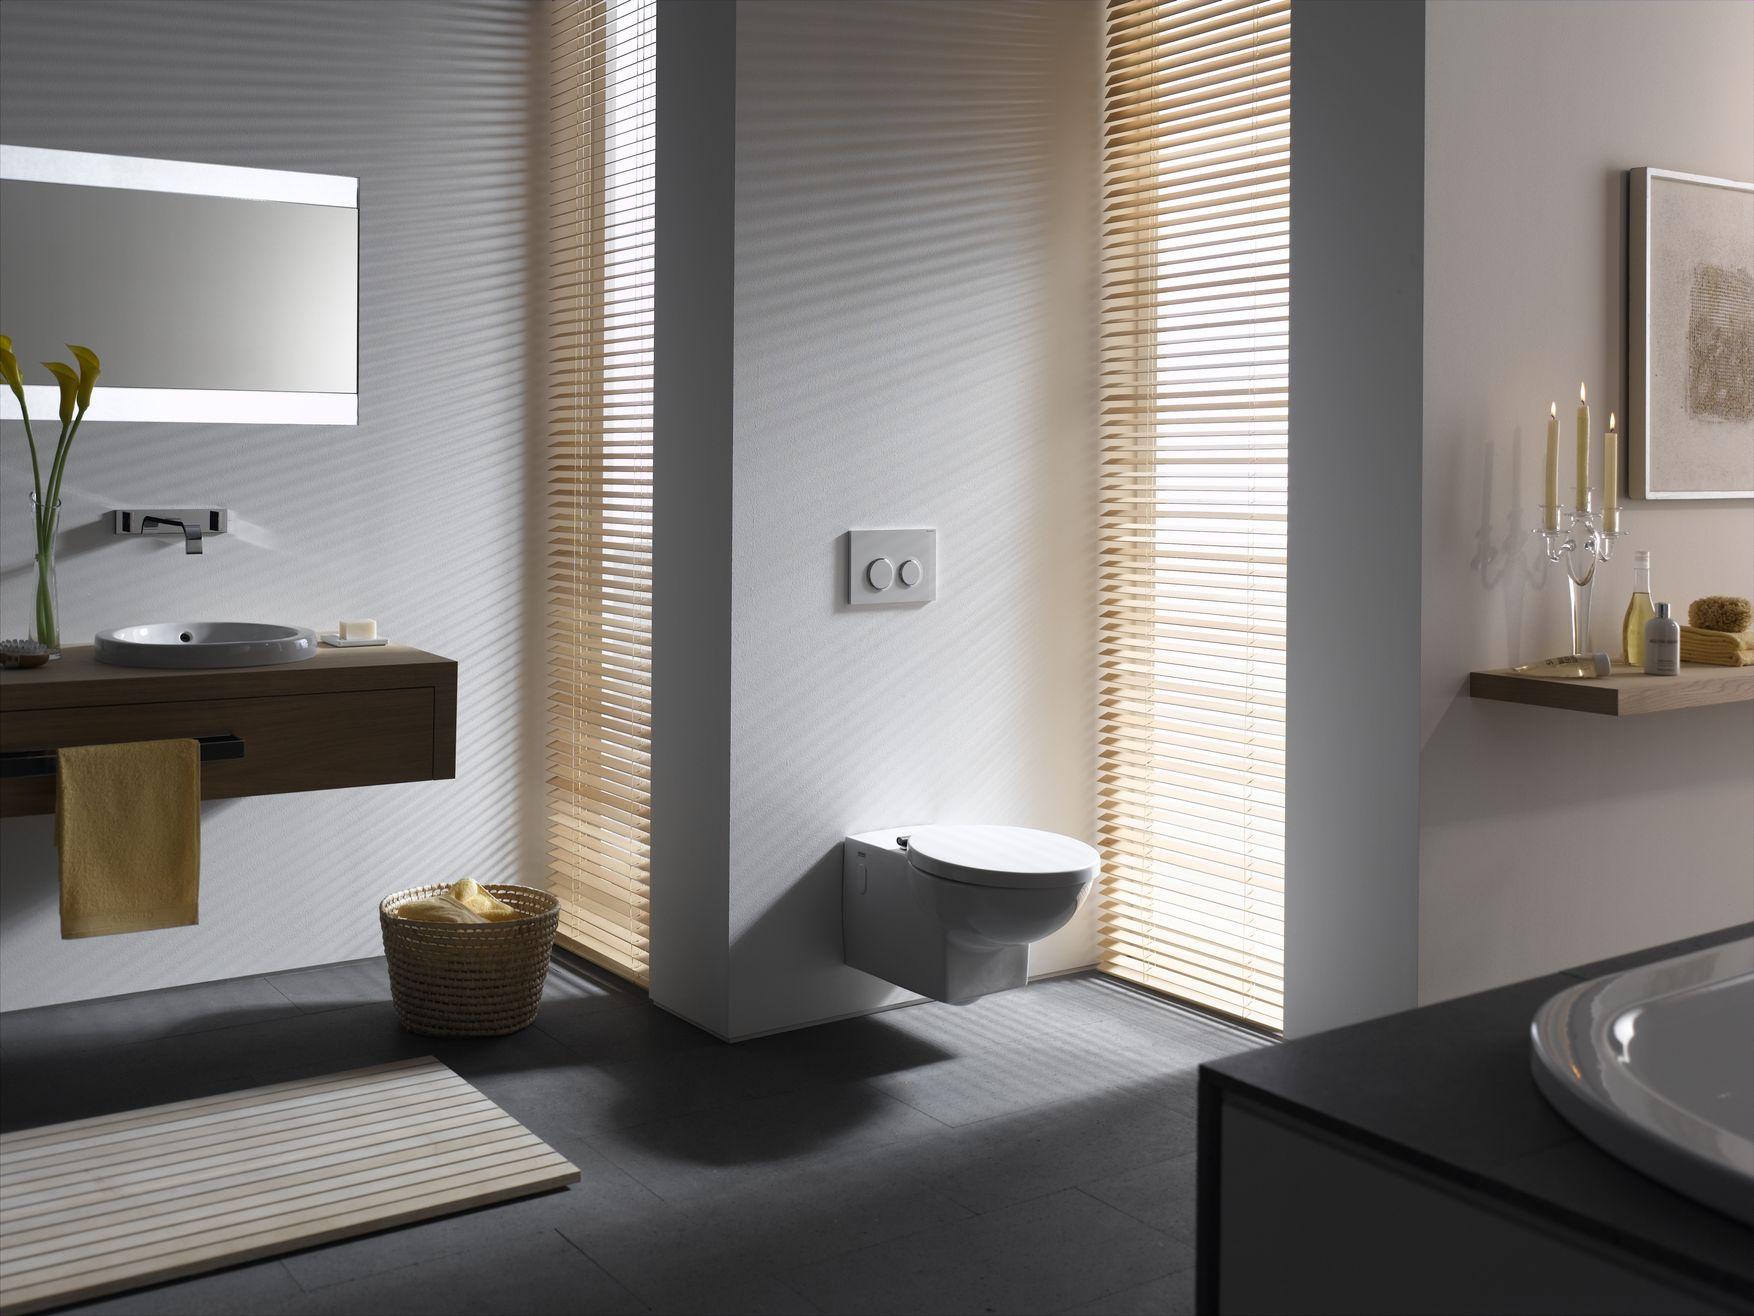 ایده طراحی سرویس بهداشتی طوسی سفید چوب